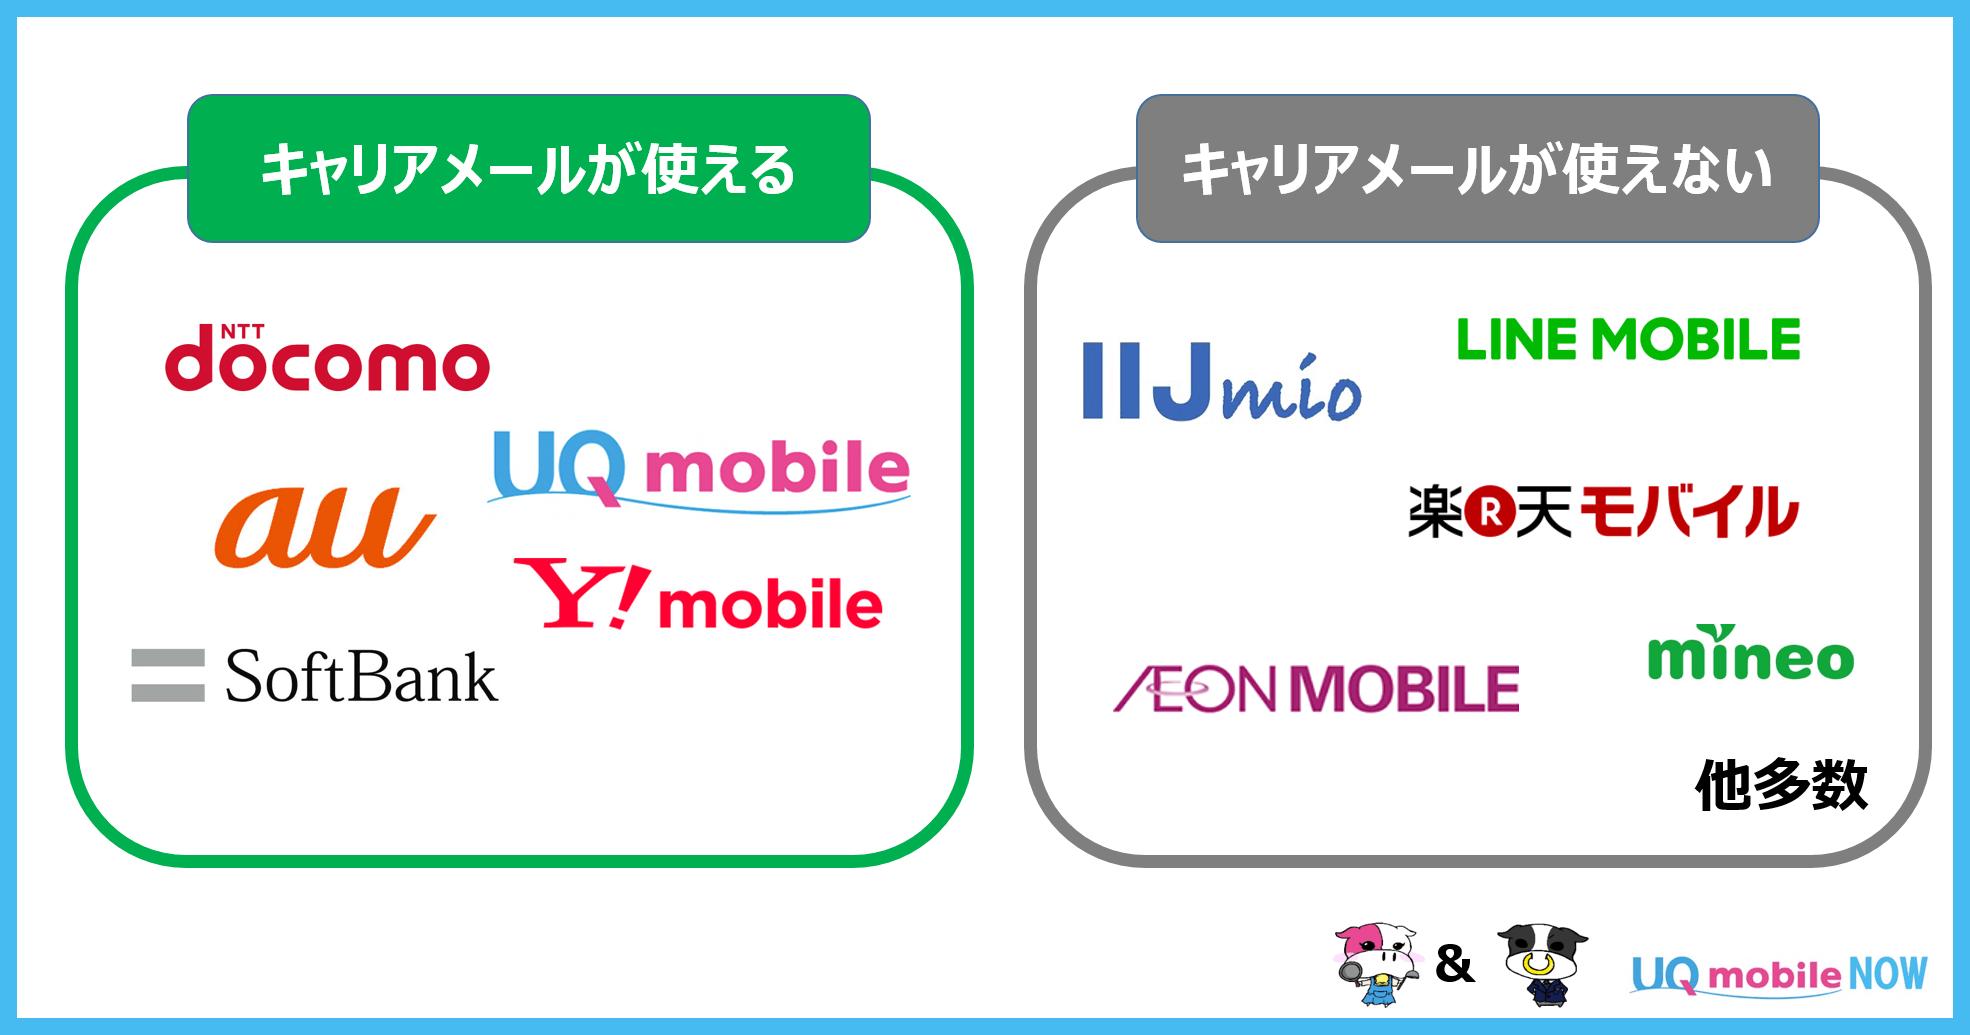 キャリアメール一覧 UQ mobile-...